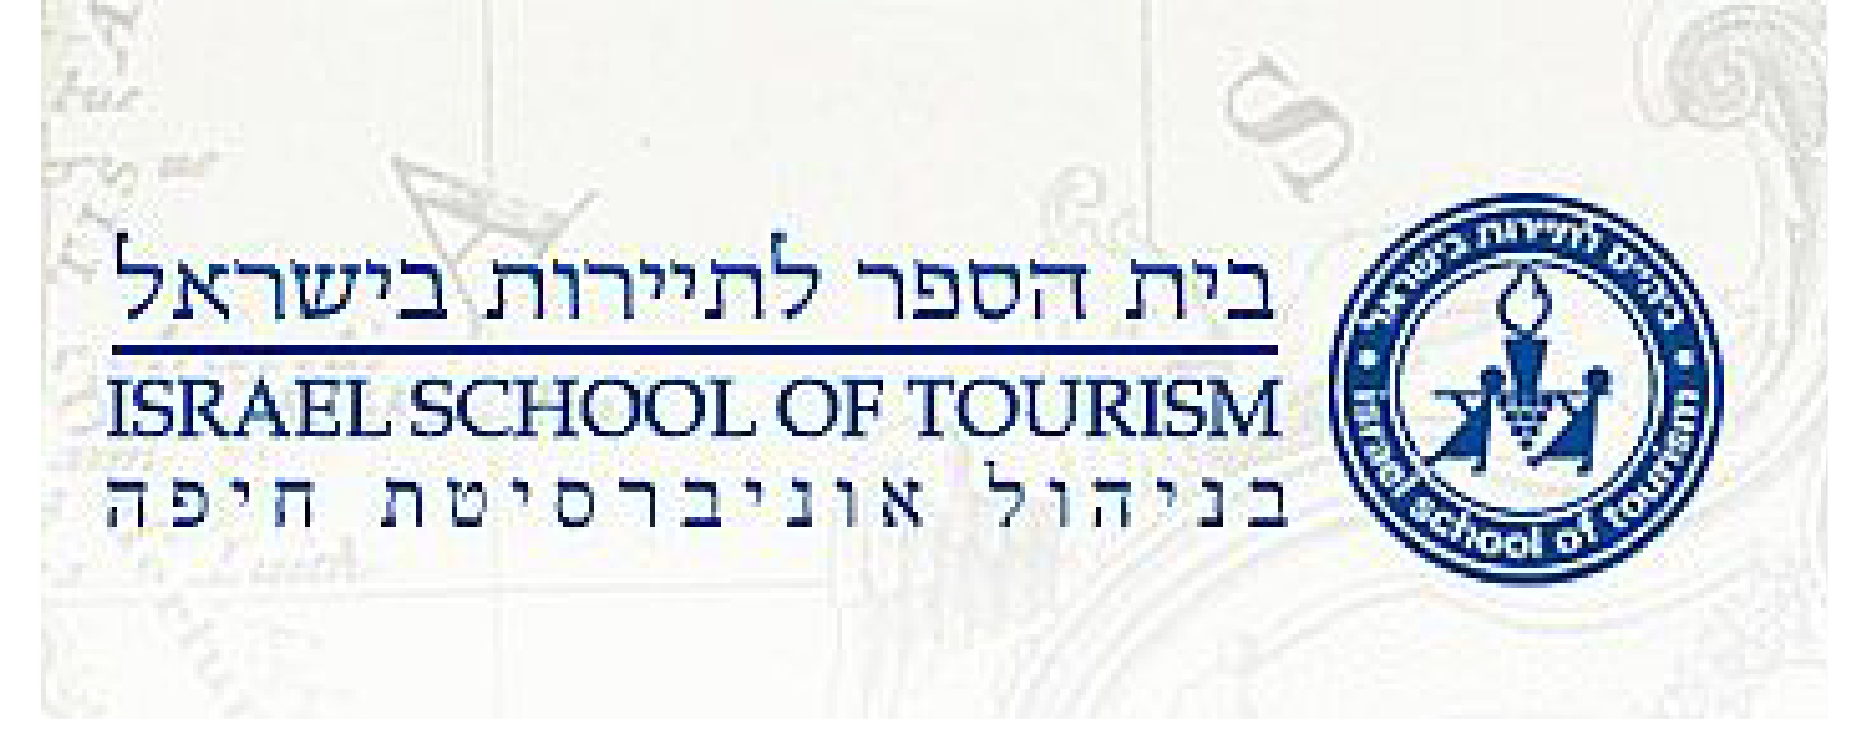 TBCTL Logos-03